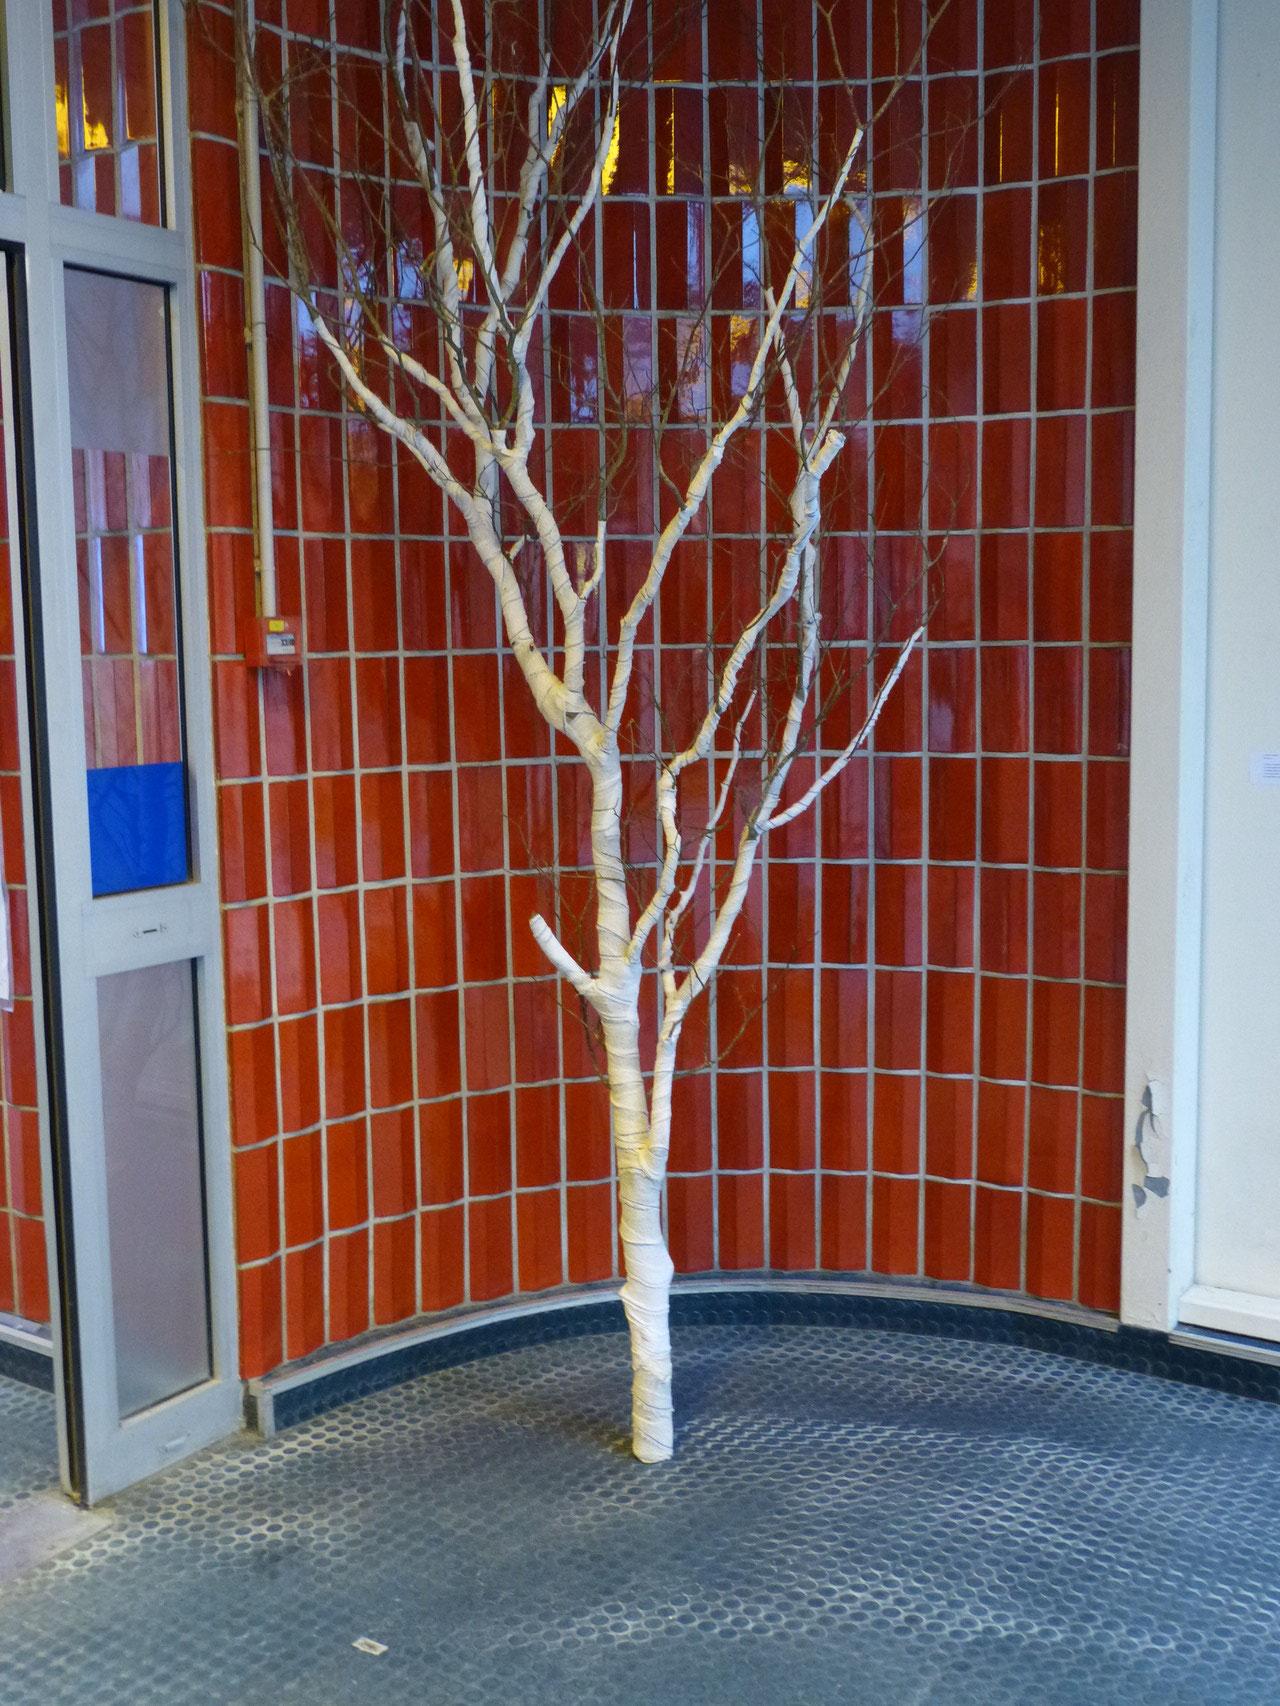 Un arbre momifié de pansements